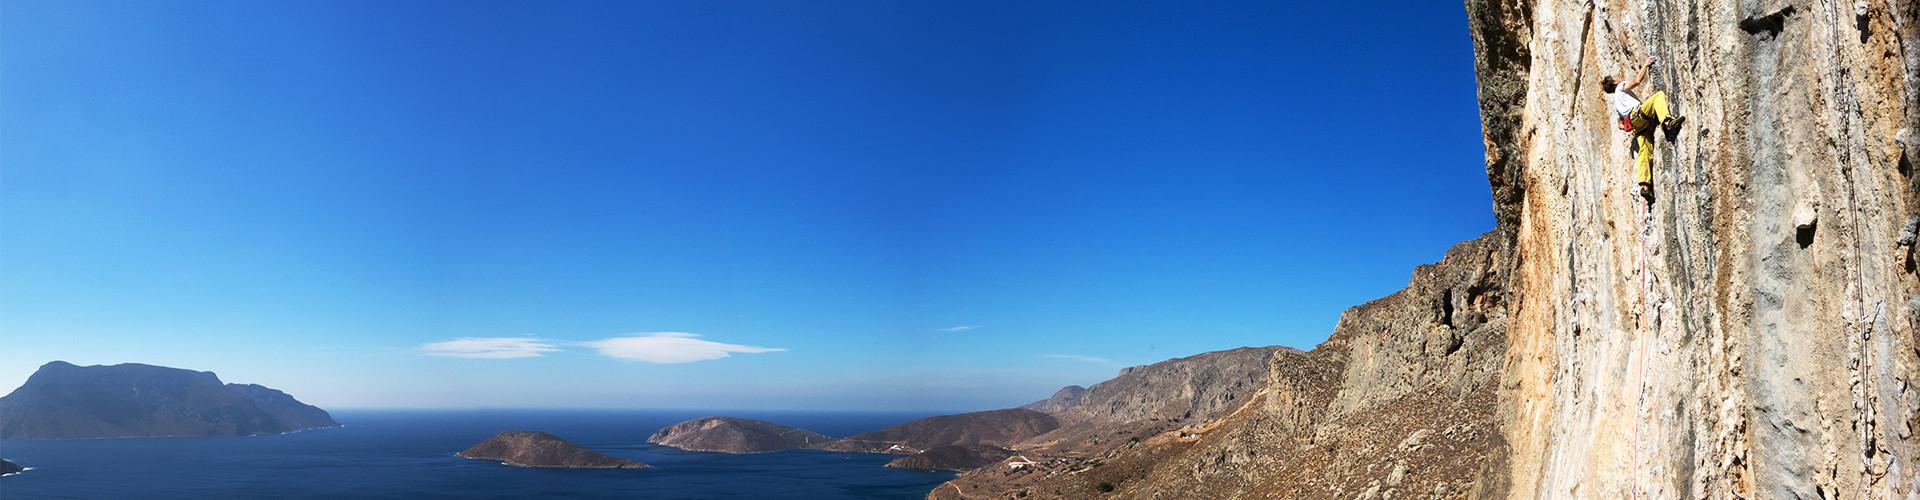 Klettern auf Kalymnos